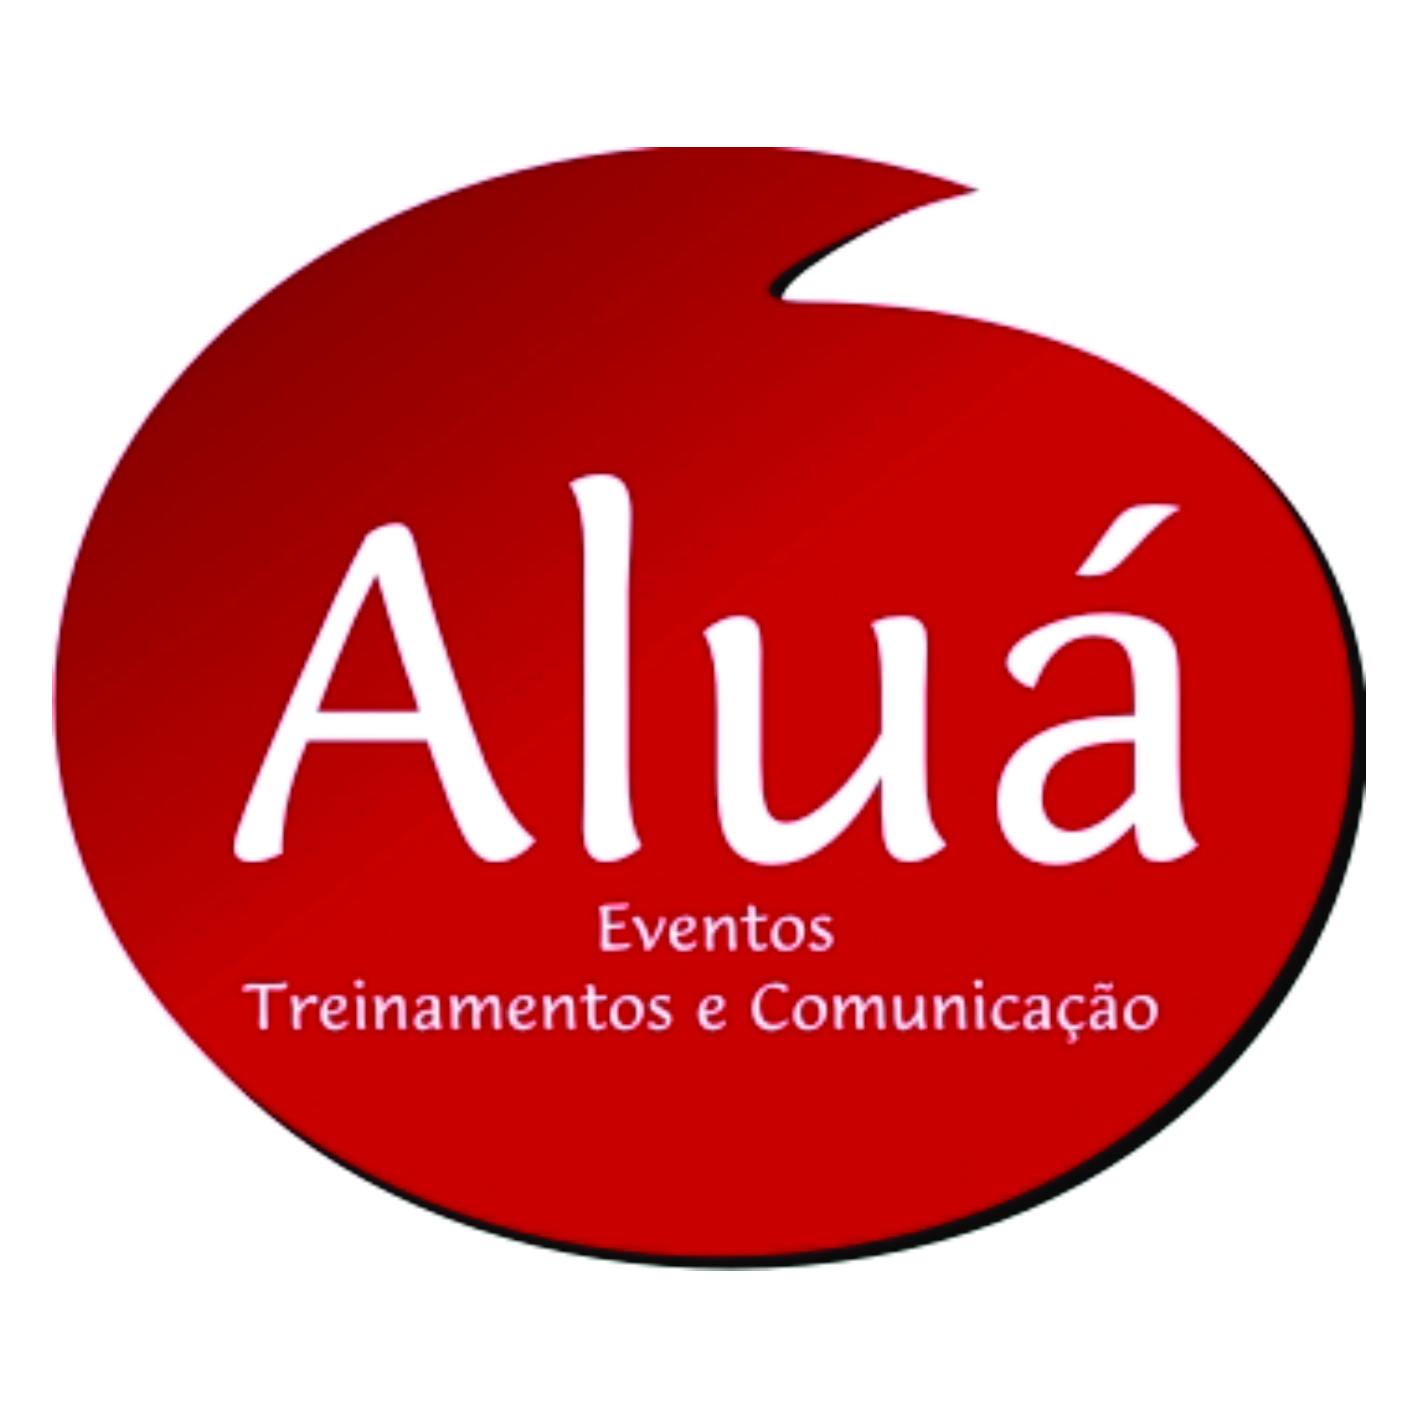 Aluá Eventos Treinamentos e Comunicação